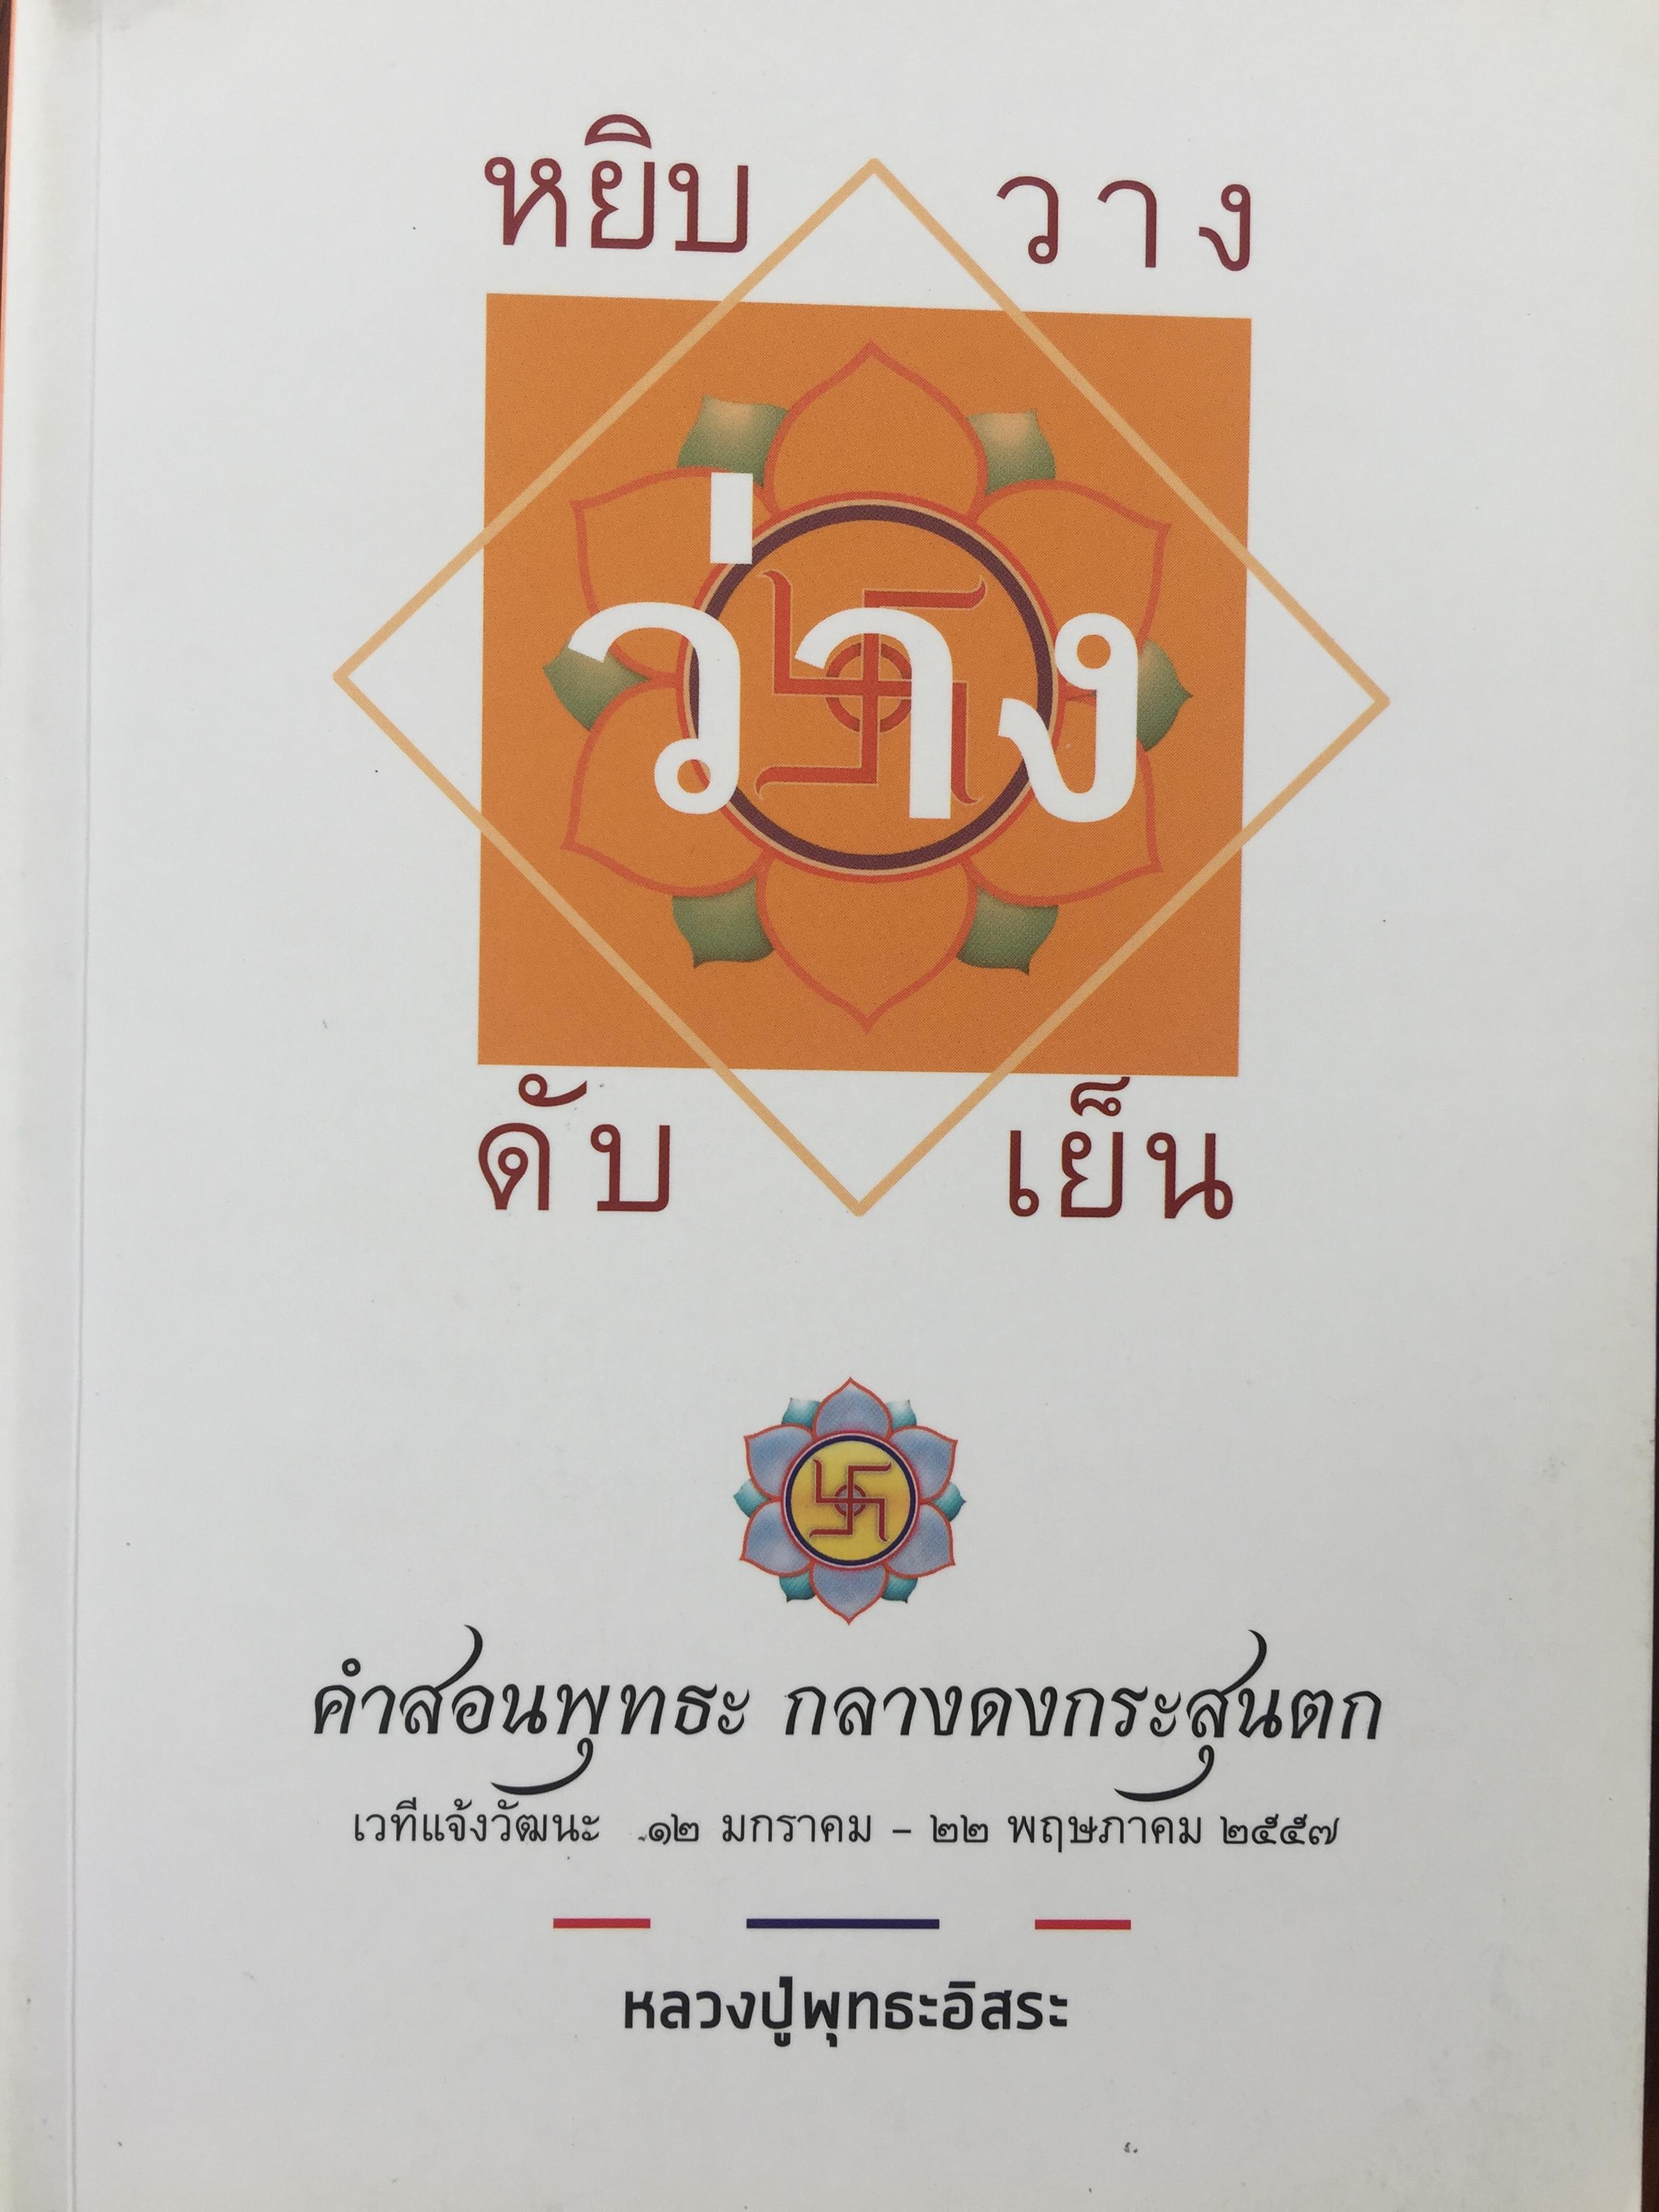 หยิบ วาง ว่าง ดับ เย็น คำสอนพุทธะ กลางดงกระสุนตก เวทีแจ้งวัฒนะ 12มกราคม-22 พฤษภาคม 2557. หลวงปู่พุทธะอิสระ